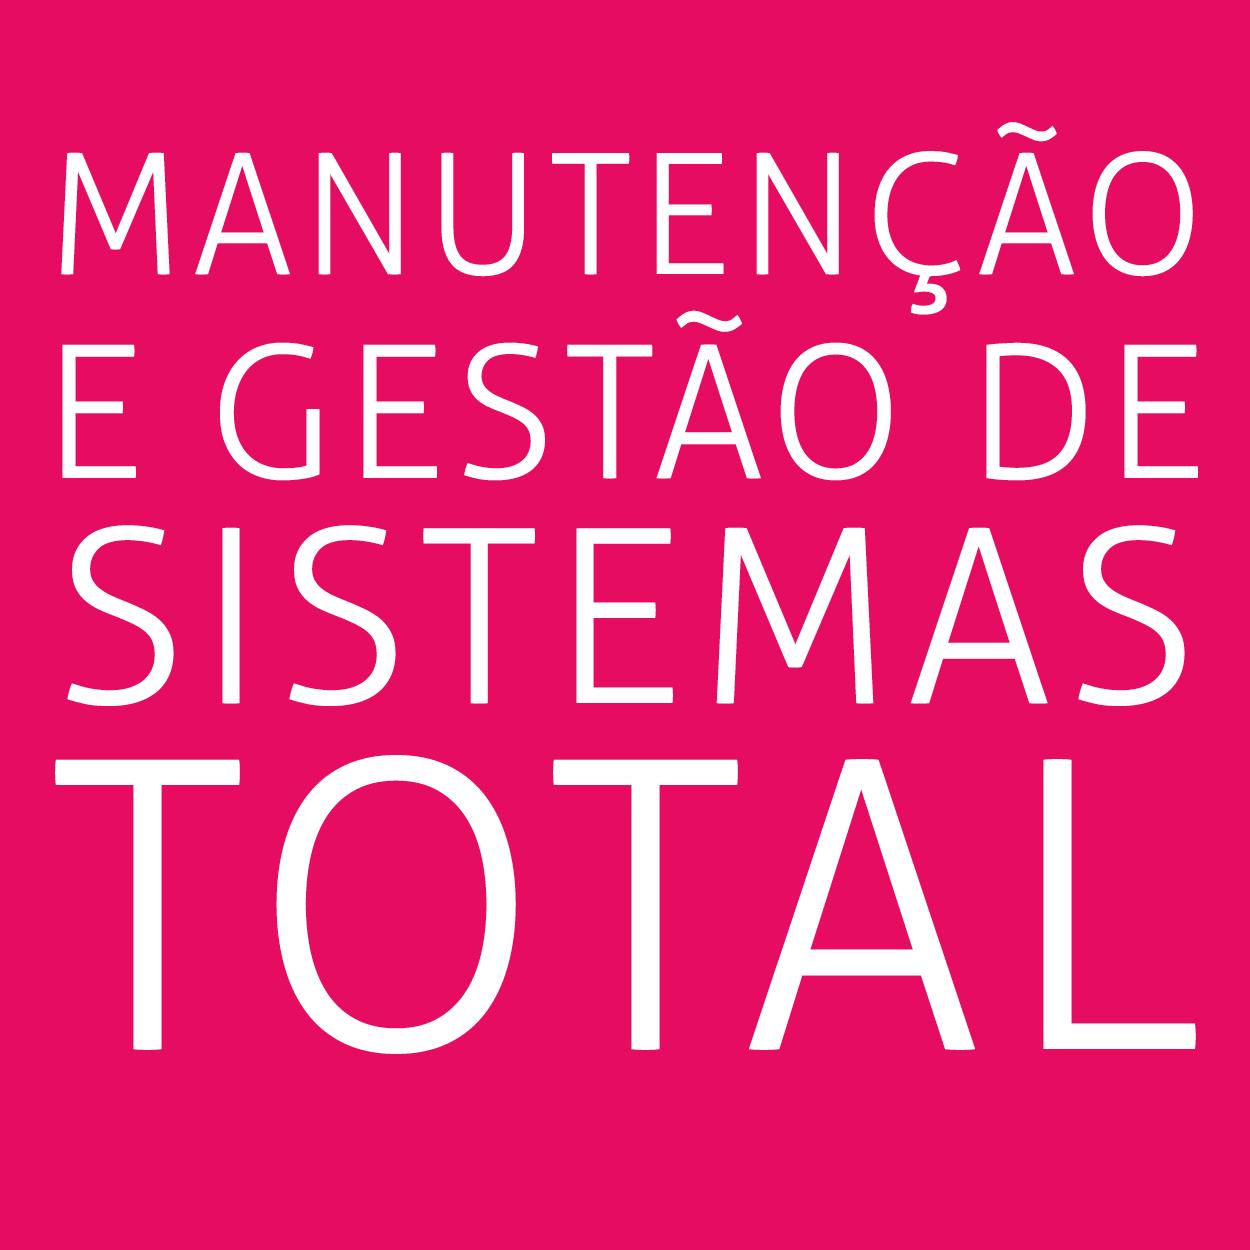 Manutenção e gestão de sistemas total